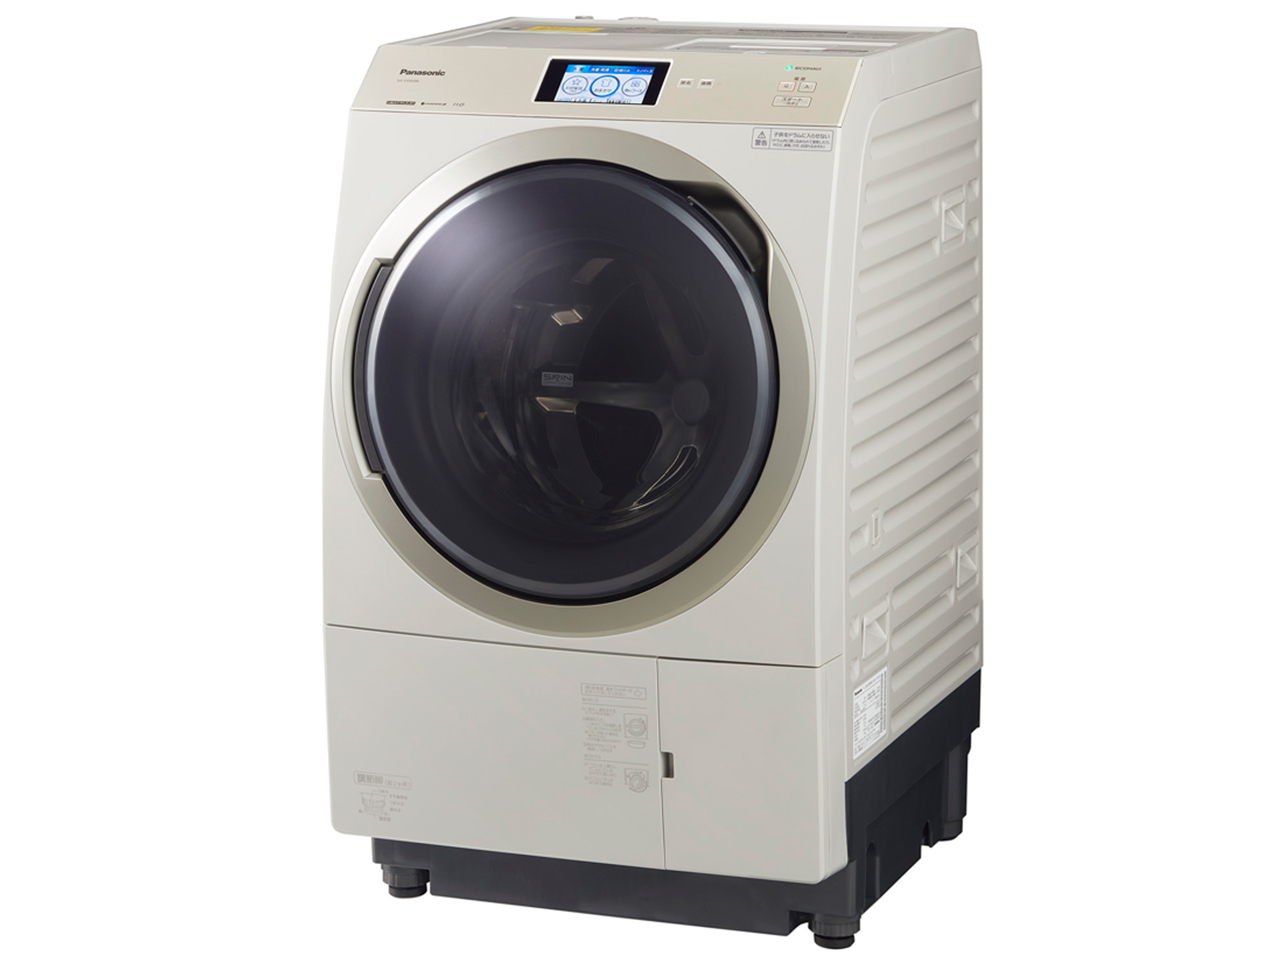 NA-VX900BL-C [ストーンベージュ] の製品画像